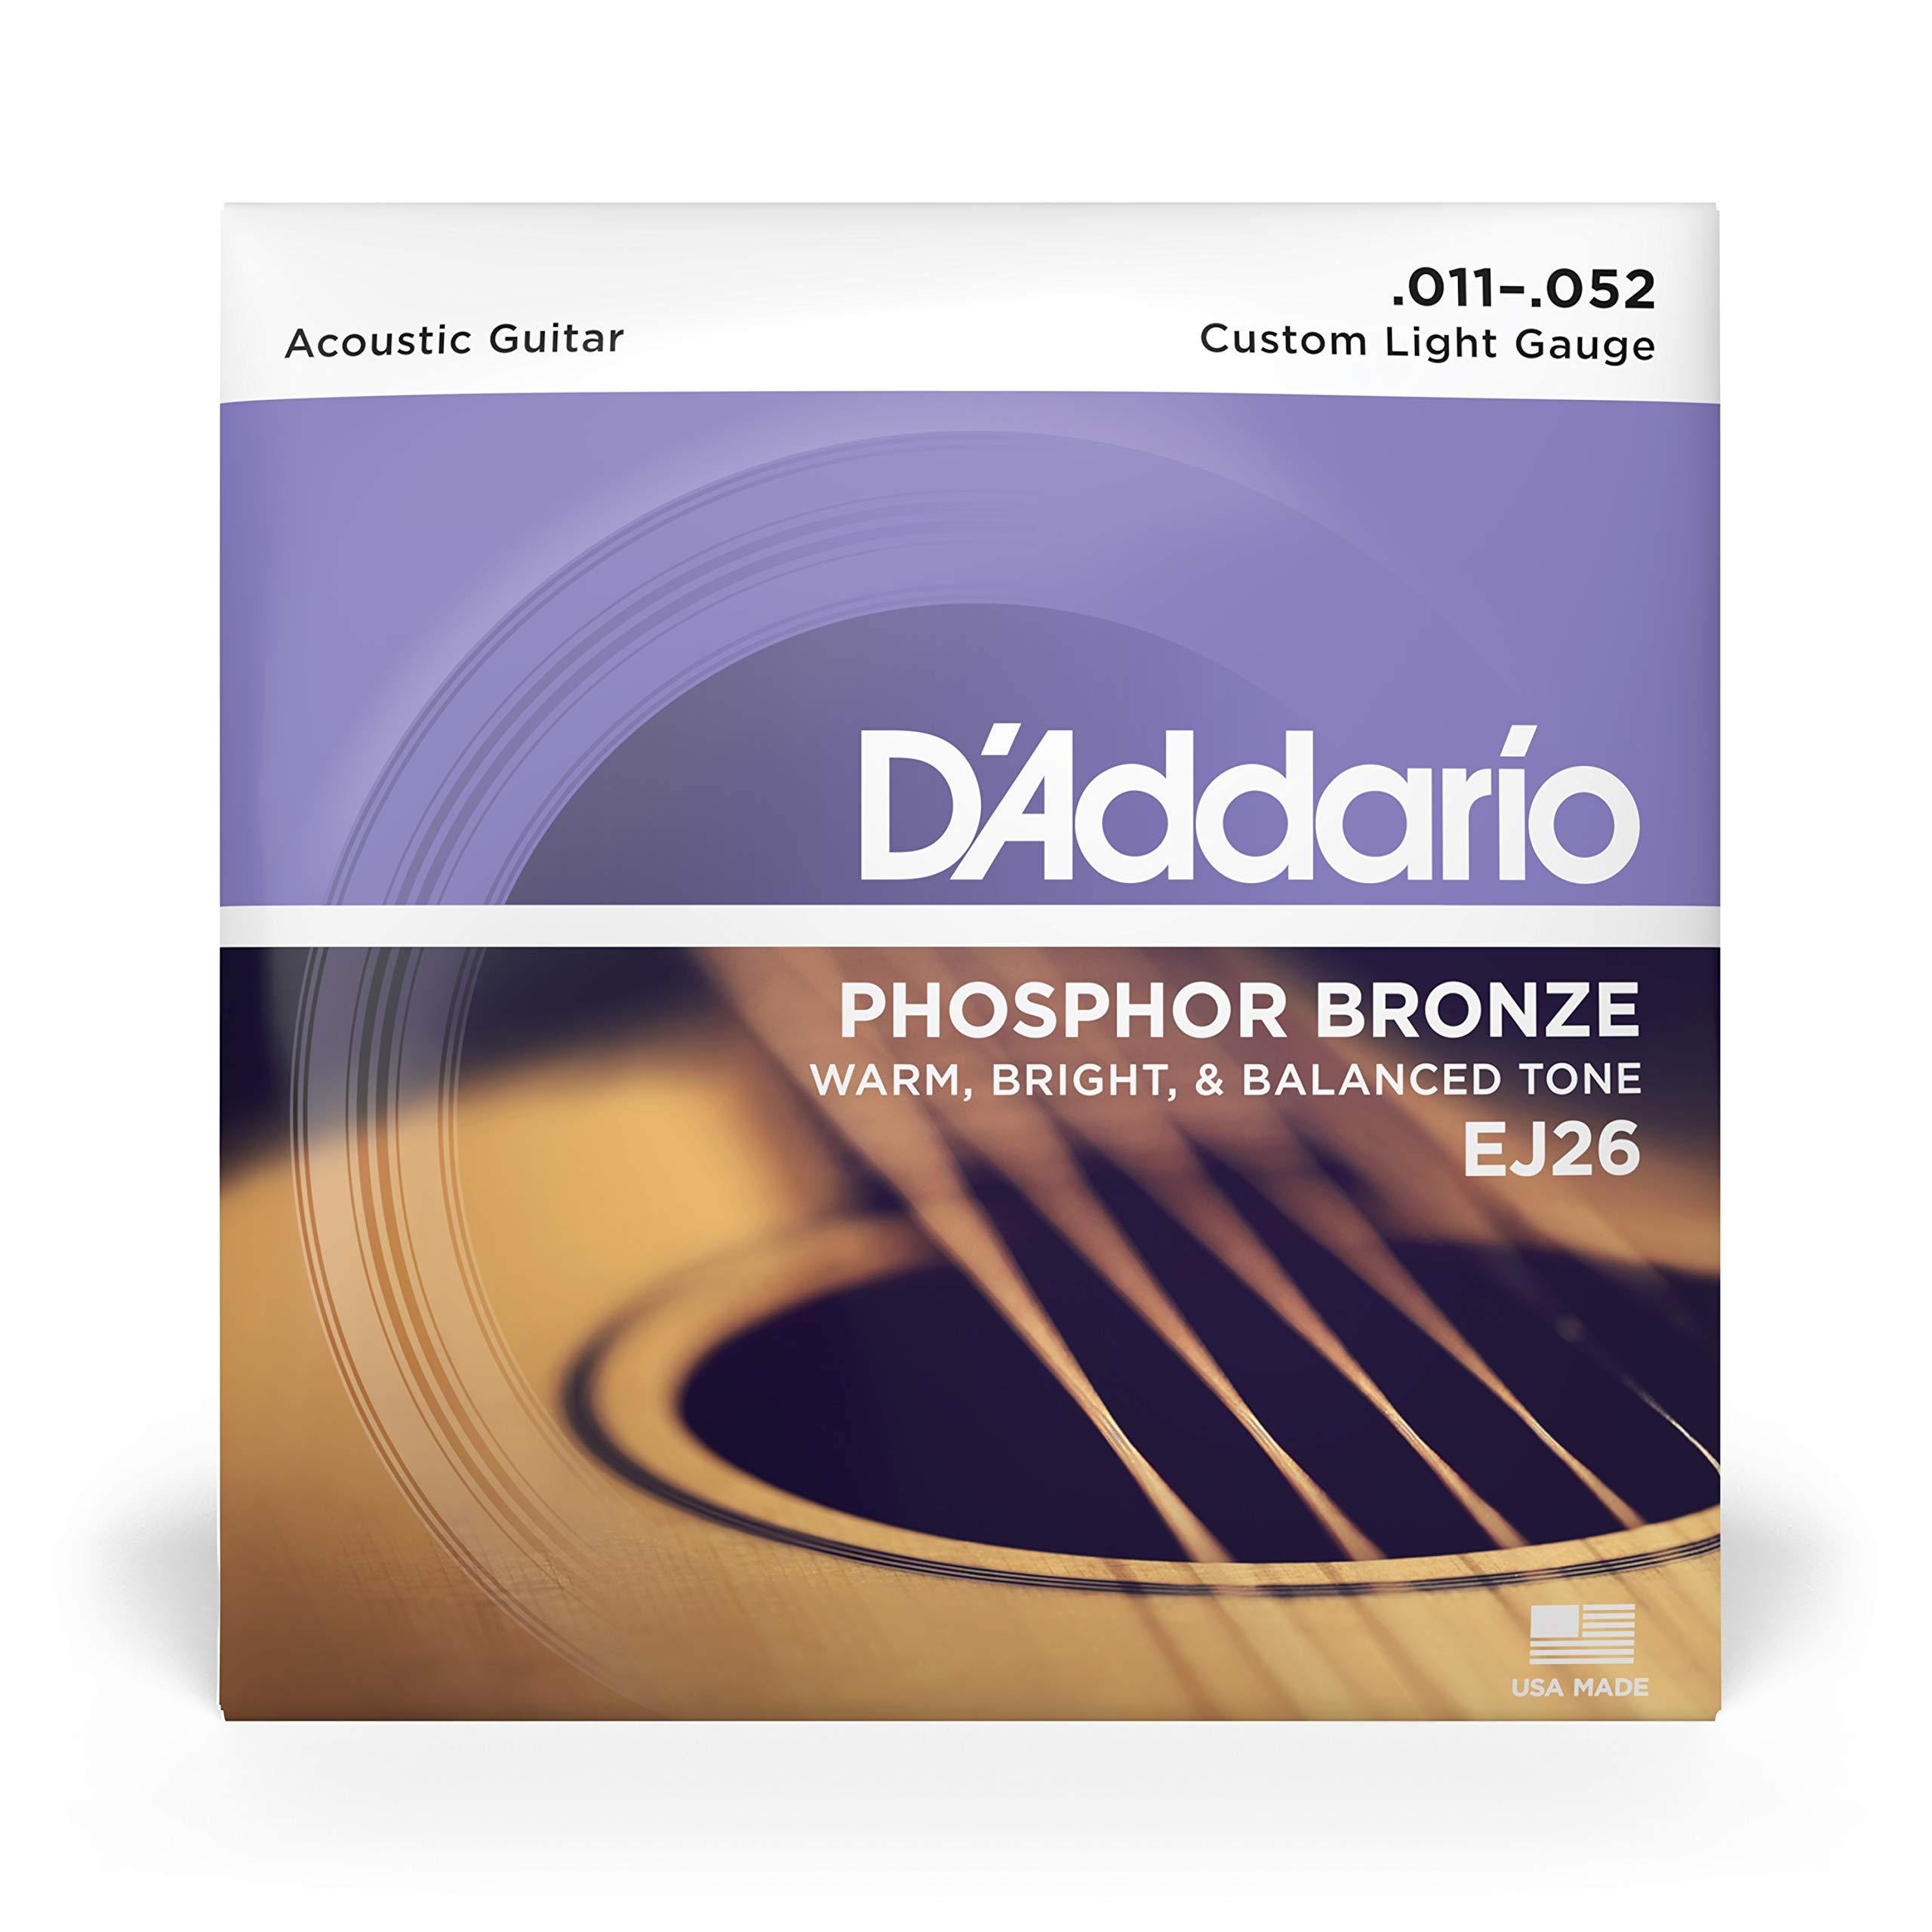 DAddario EJ26 Juego de Cuerdas, Naranja: Amazon.es: Instrumentos musicales